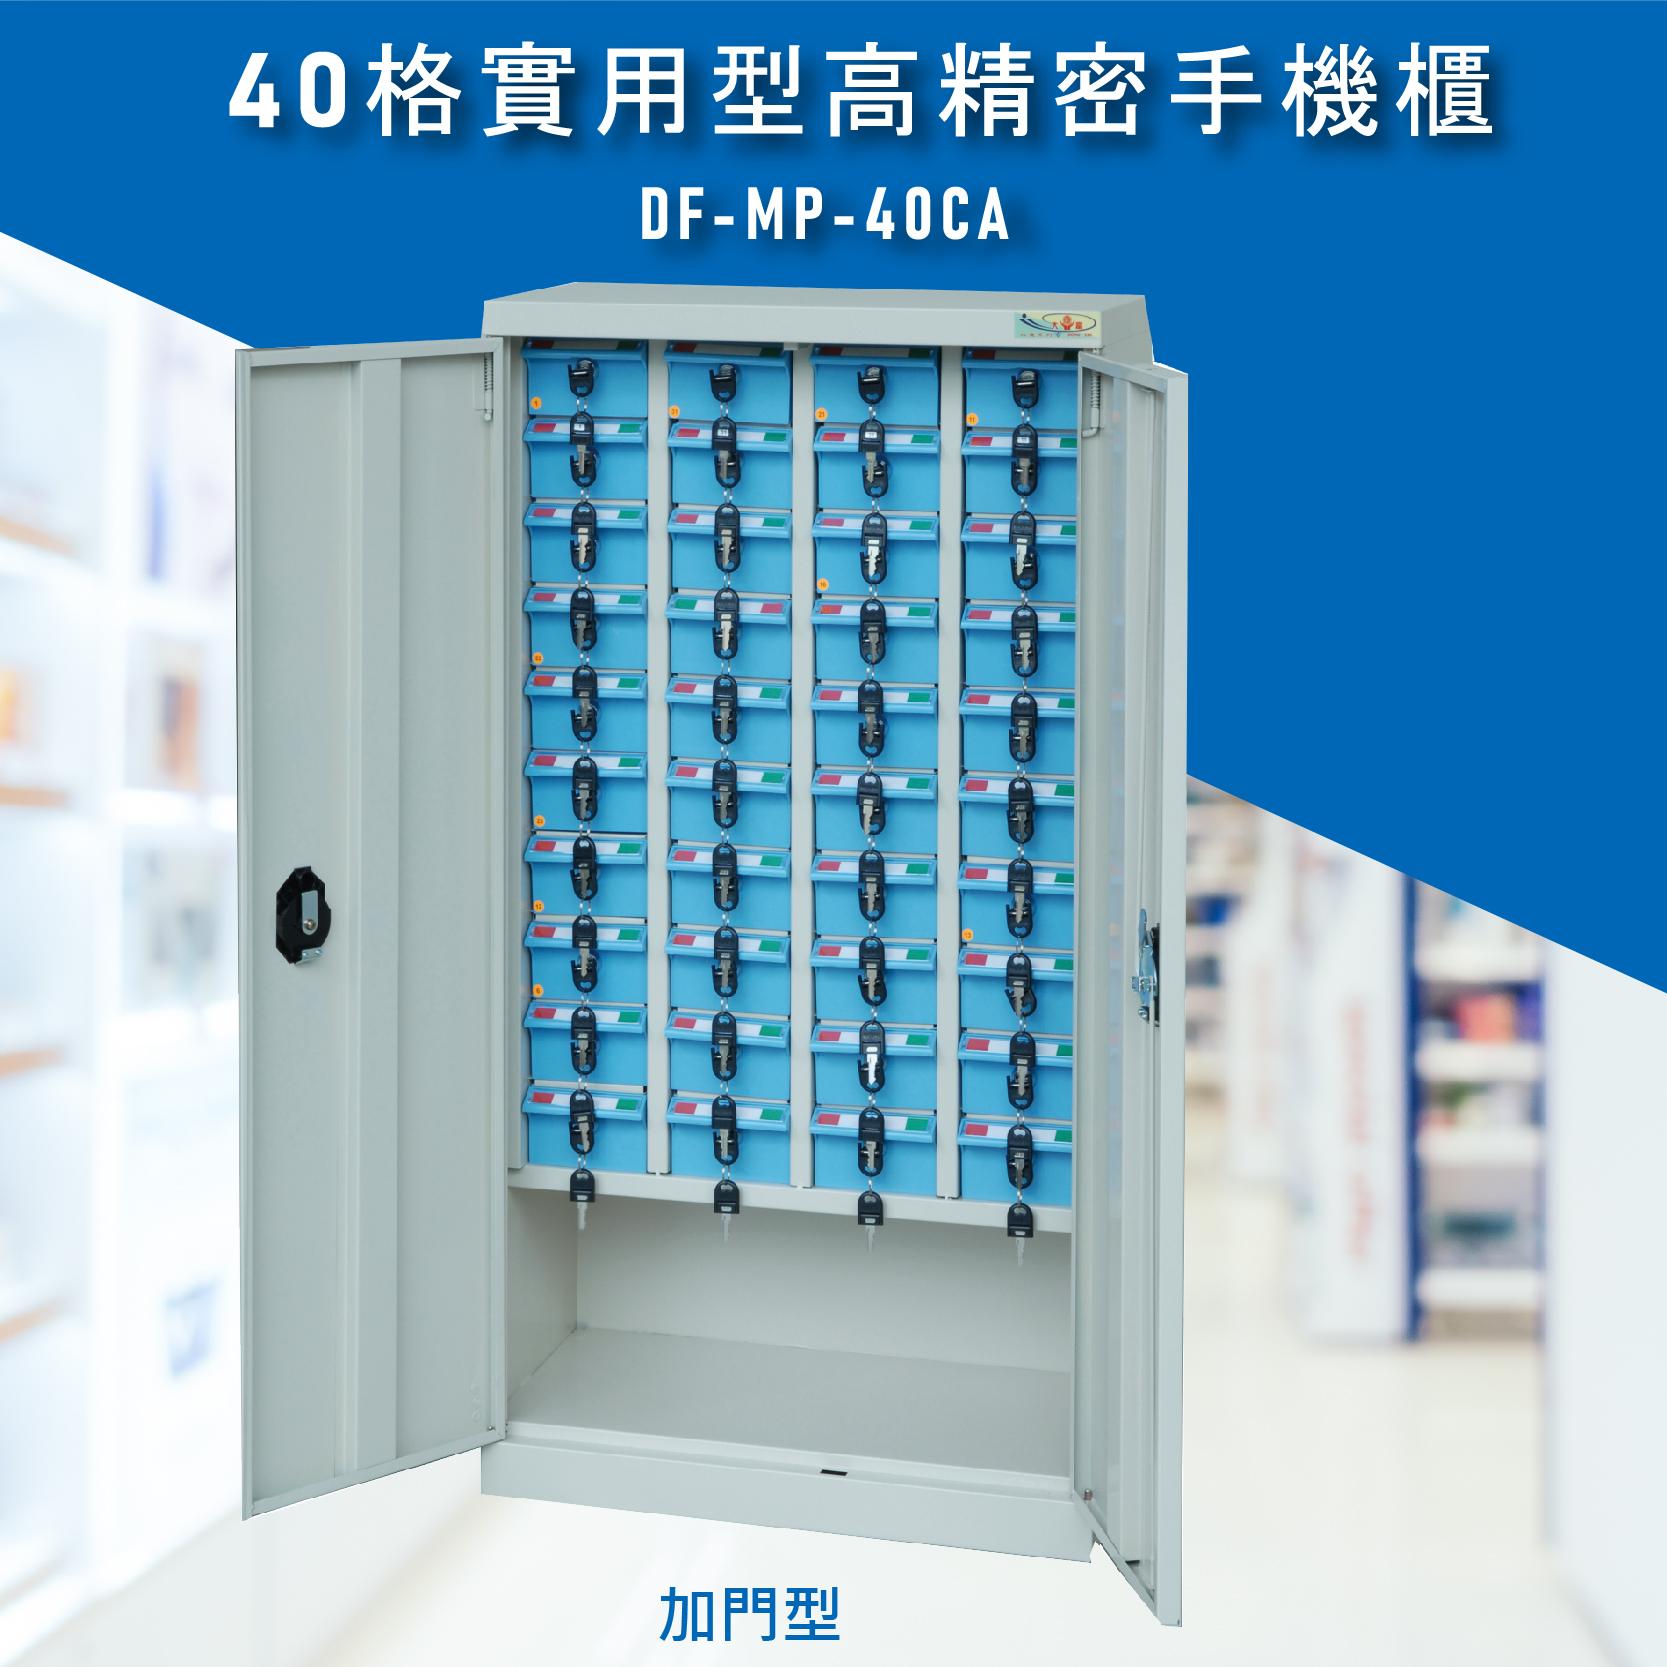 【台灣製造】大富 實用型高精密零件櫃 DF-MP-40CA(加門型) 收納櫃 置物櫃 公文櫃 專利設計 收納櫃 手機櫃